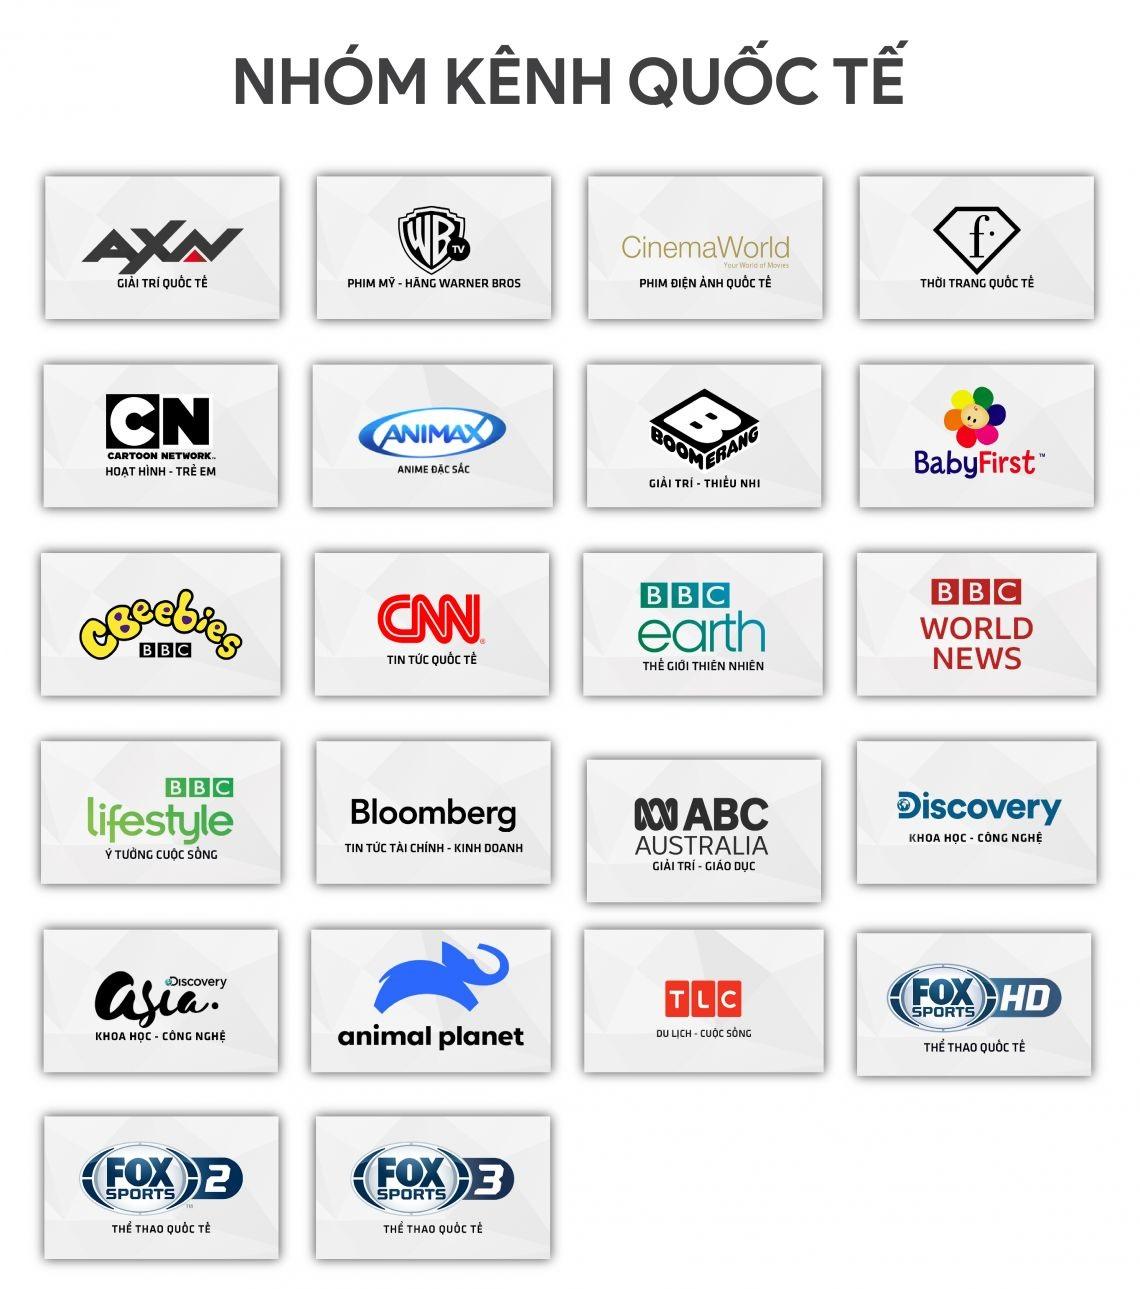 Nhóm kênh truyền hình quốc tế